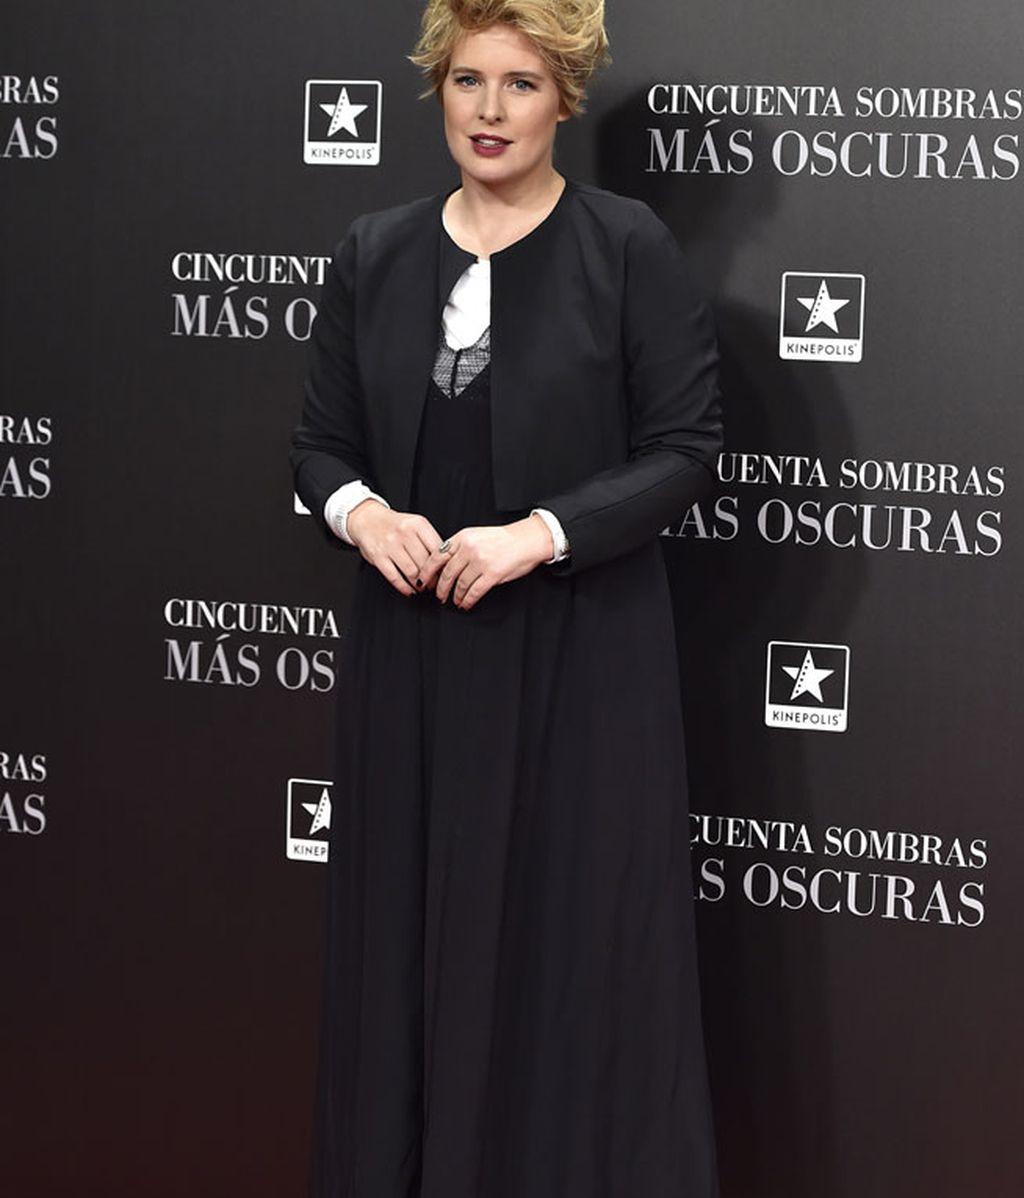 Las sandalias de Tania Llasera: perfecta para la ocasión en clave de negro